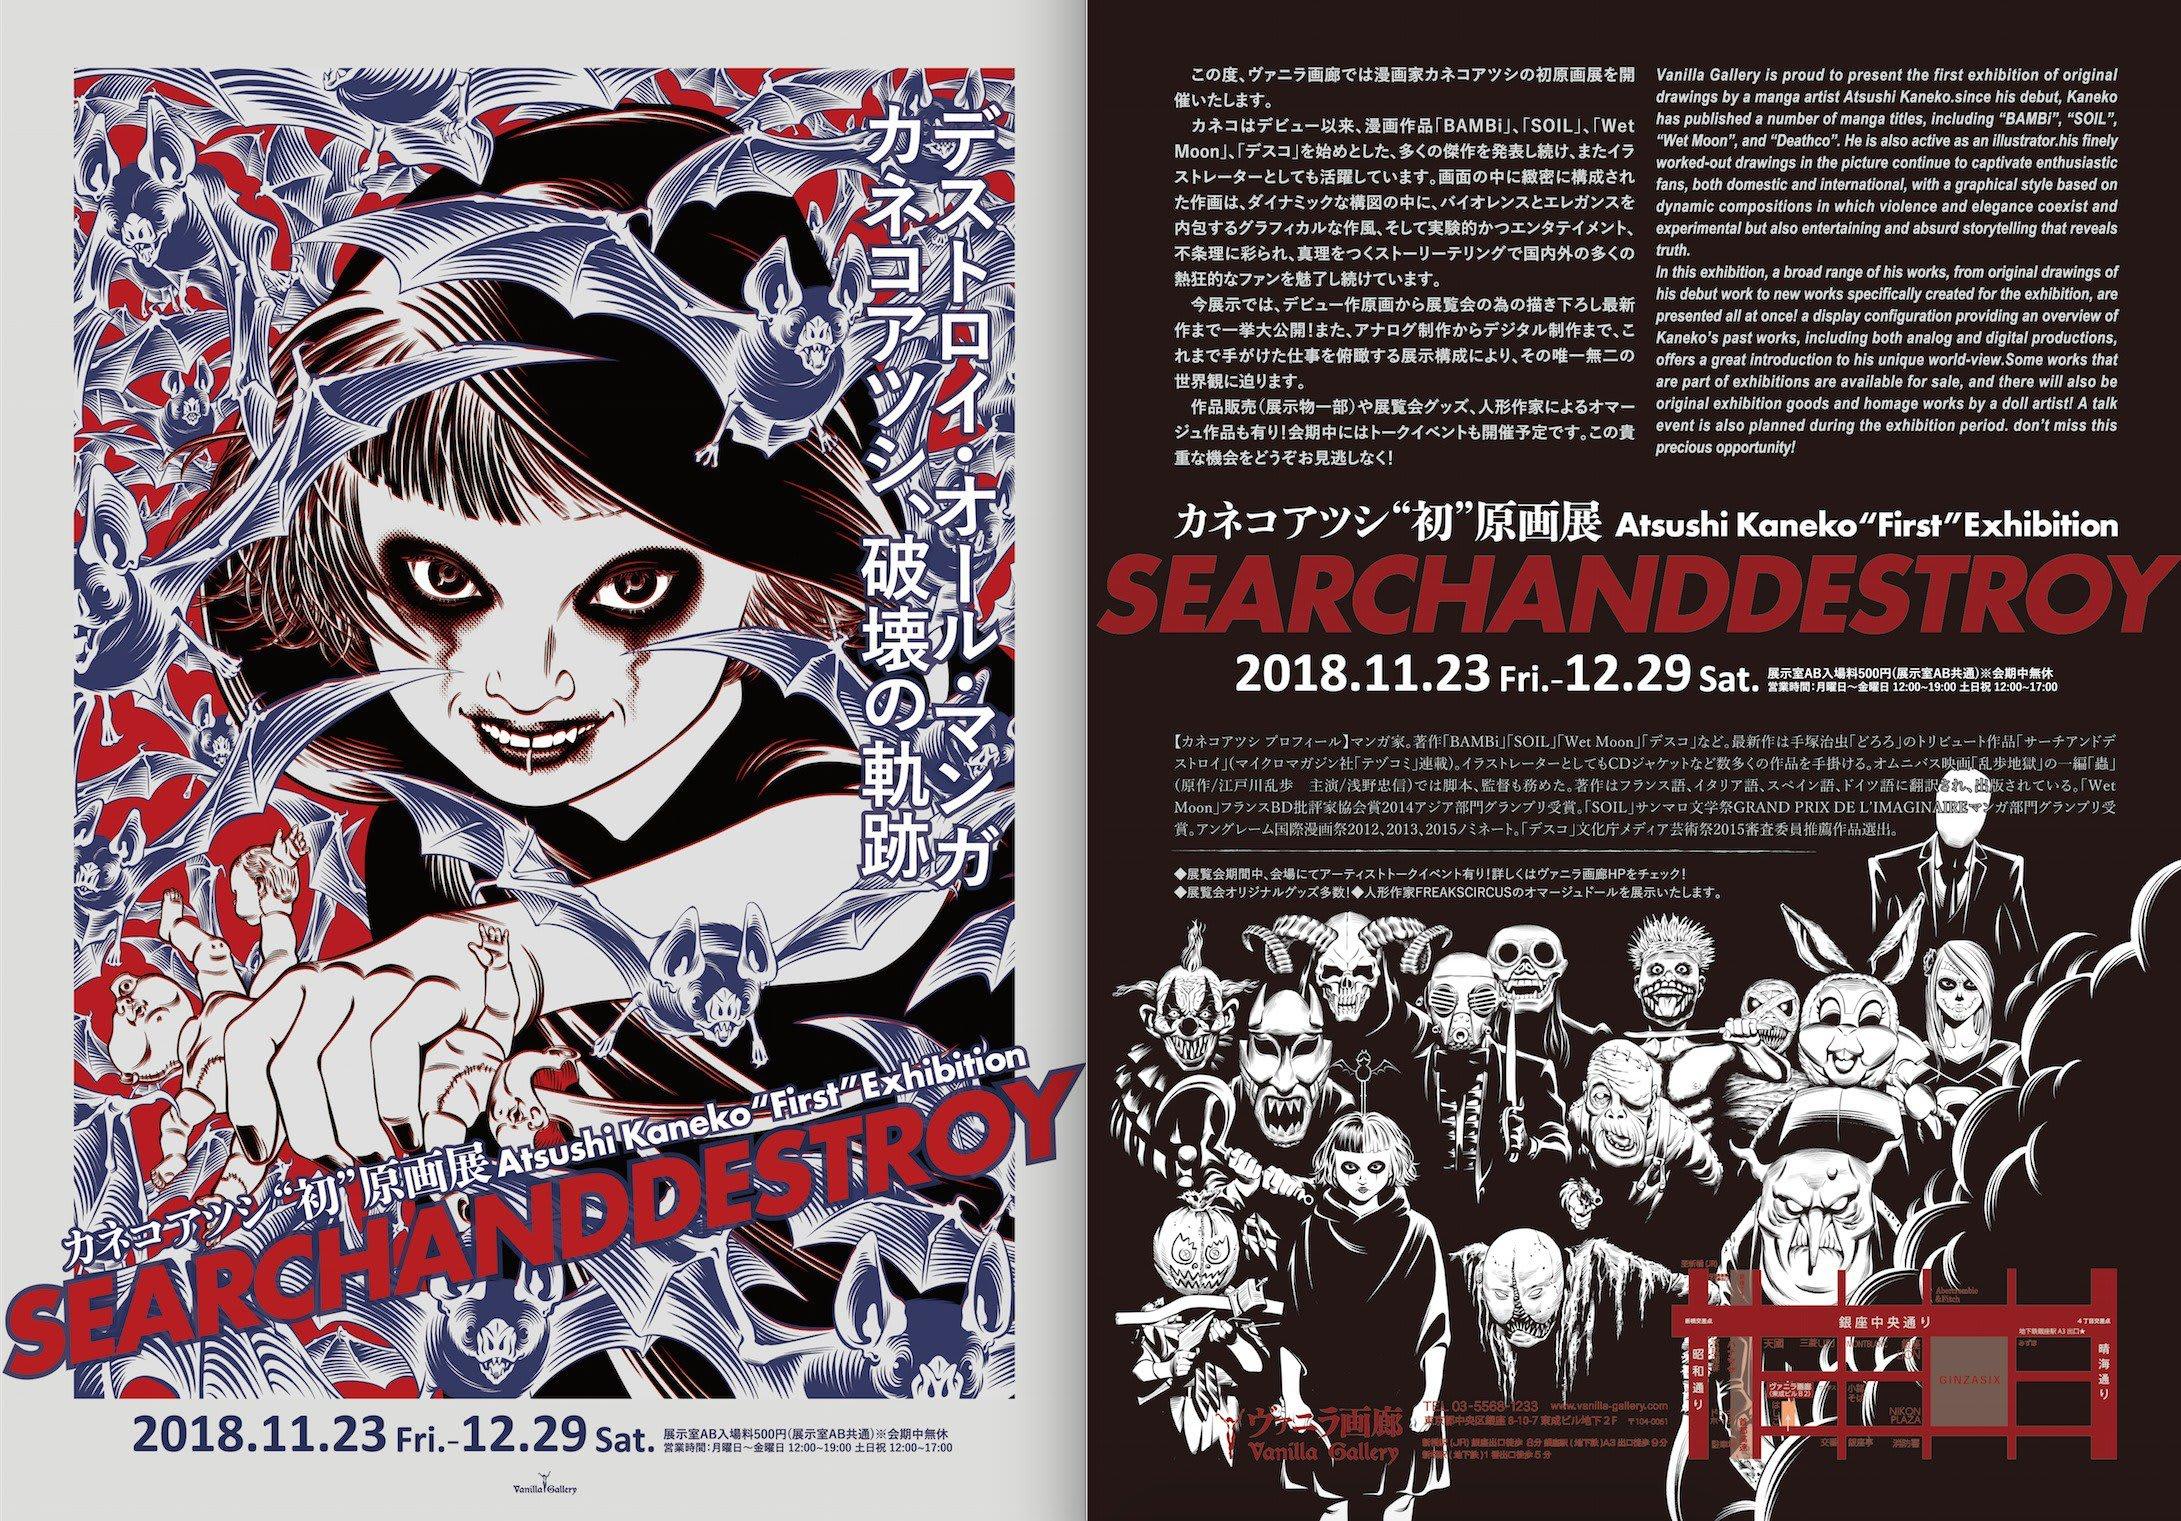 """カネコアツシ""""初""""原画展 Atsushi Kaneko """"First"""" Exhibition「SEARCHANDDESTROY」"""